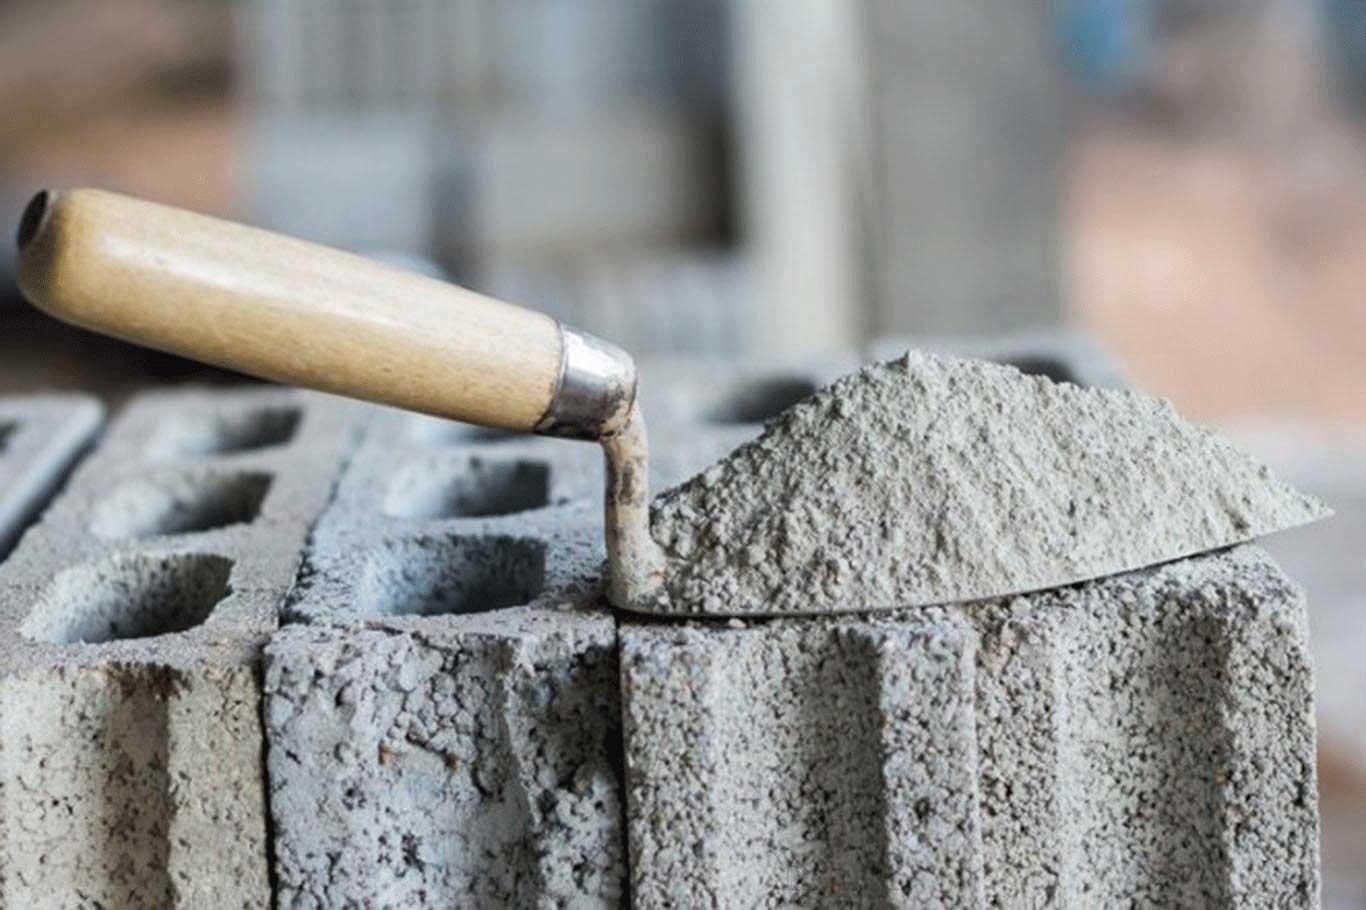 Çimento sektöründe iç satışlar düşüyor, ihracat artıyor